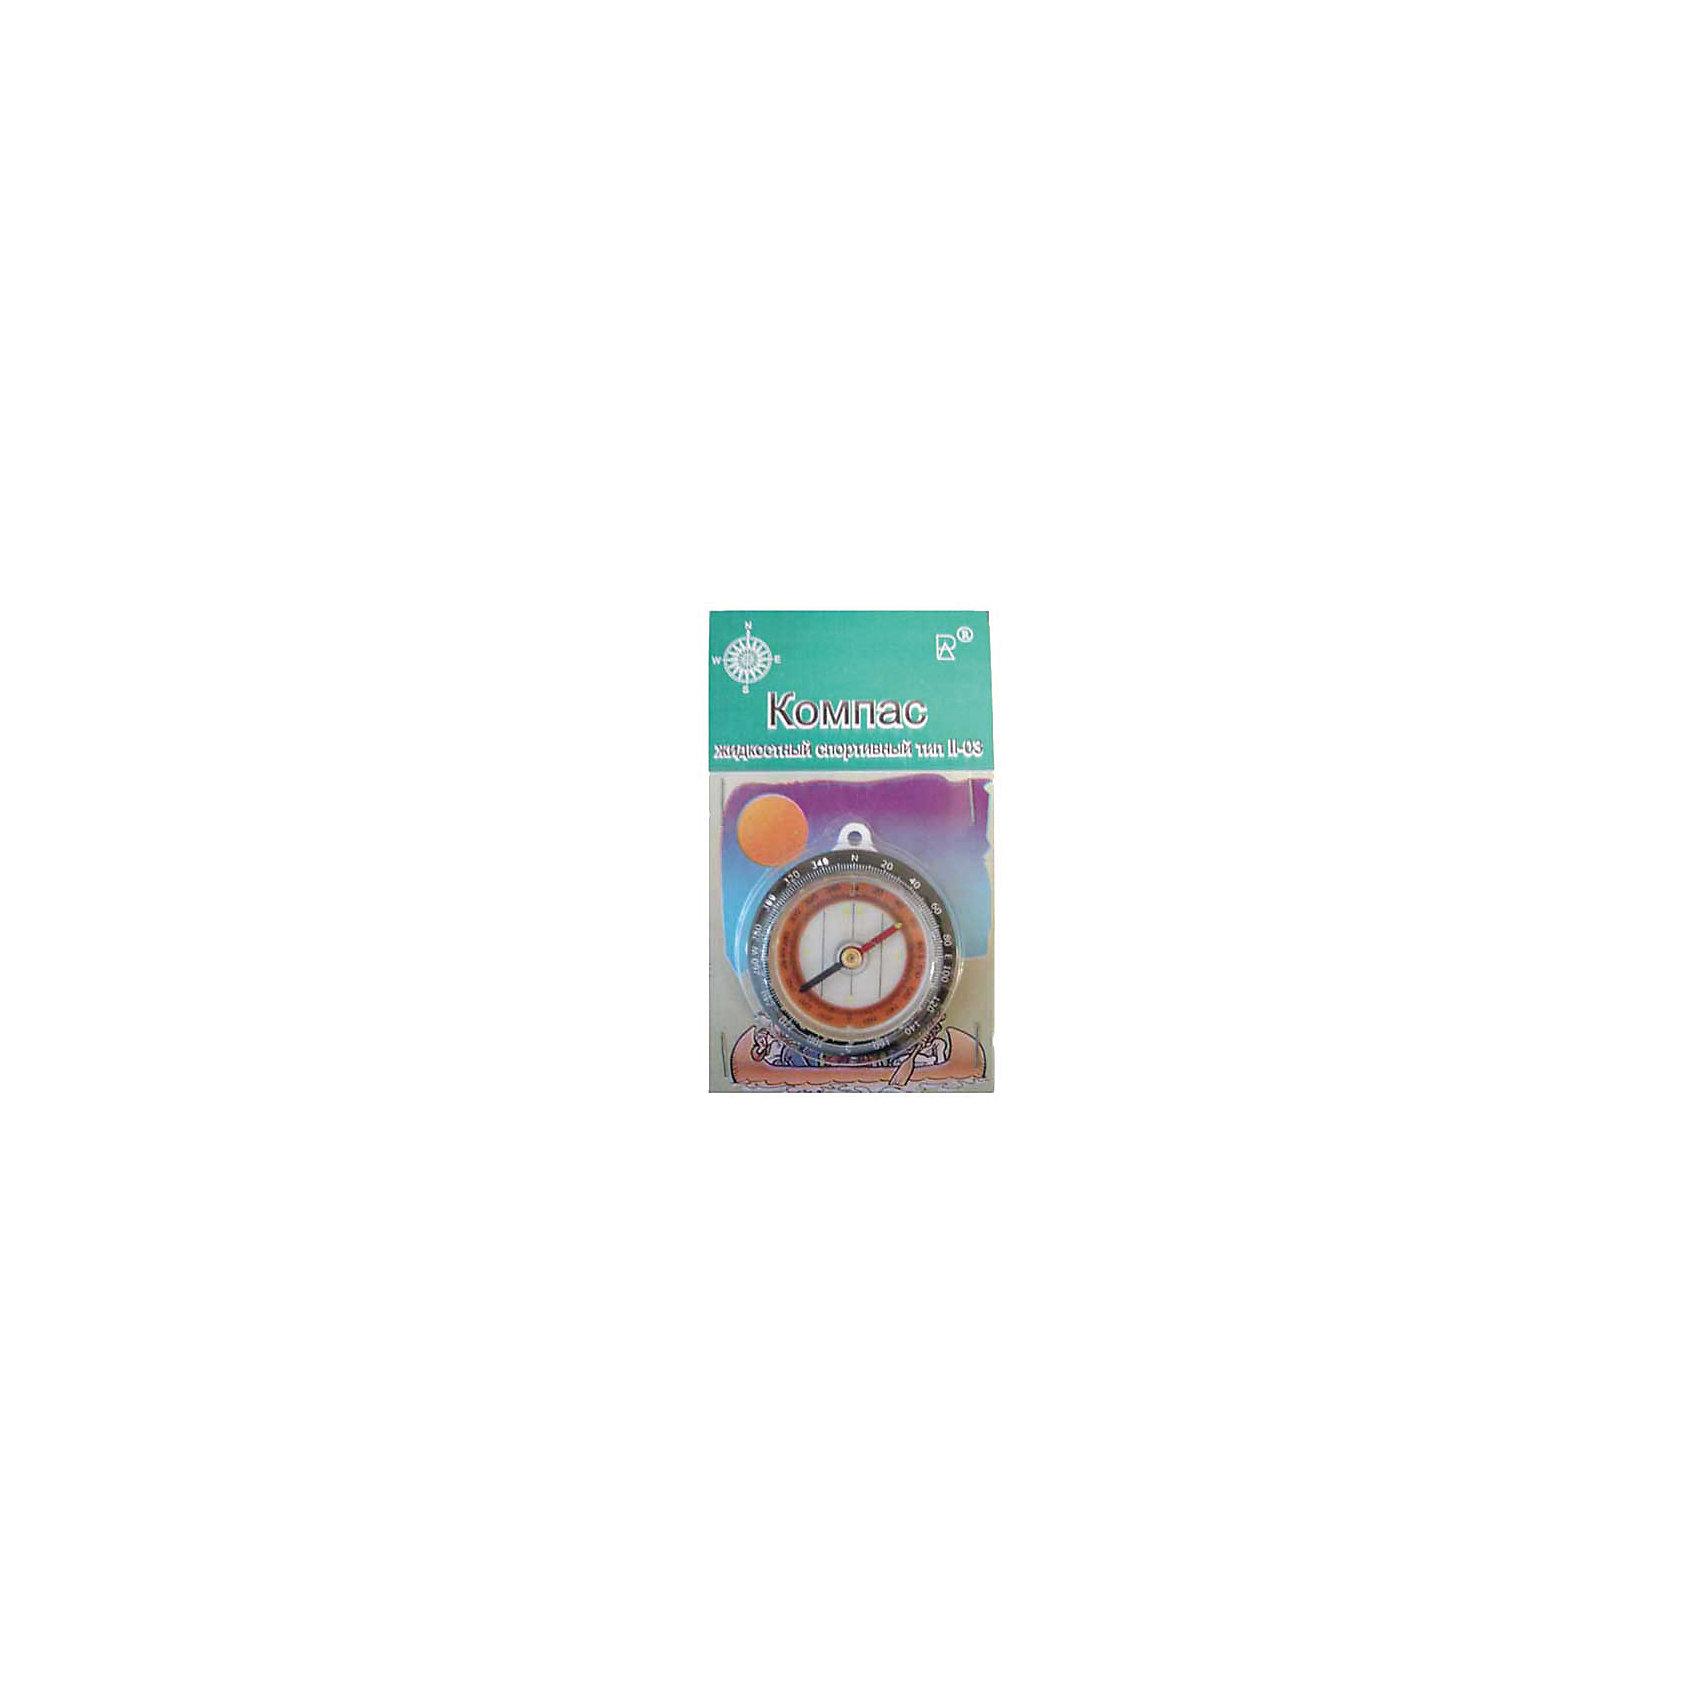 Компас жидкостный спортивный тип 2-03Туризм<br>Характеристики товара:<br><br>• вид: магнитный туристический<br>• тип: жидкостный<br>• успокоение магнитной стрелки: не более 7сек<br>• рабочий диапазон температур: от -30°С до +50°С<br>• цена деления круговой шкалы: 2 градуса<br>• материал: макролон, полистирол. Стрелка - сталь. Заполнение капсулы - керосин<br>• страна-производитель: Россия<br><br>Двойная шкала: внутренняя и наружная. На шкале компаса отмечен каждый второй градус, а каждый двадцатый имеет цифровое обозначение. <br><br>На стрелку и шкалу нанесены точки светоотражающей краской. Капсула сварена ультазвуковой сваркой и заполнена «Уайт-спиритом». <br><br>Компас предназначен для определения сторон горизонта, азимута, определения расстояния по карте.<br><br>Преимущество жидкостного компаса перед обыкновенным заключается в быстром успокоении стрелки.<br><br>Компас необходим в туристических походах и спортивных соревнованиях. <br><br>Он надежный спутник грибников, охотников, любителей длительных пешеходных прогулок.<br><br>При эксплуатации компас следует предохранять от ударов, хранить компас необходимо вдали от действия сильных магнитных полей. <br><br>Не допускается промывка и чистка компаса химическими растворителями.<br><br>Компас жидкостный спортивный тип 2-03 можно купить в нашем интернет-магазине.<br><br>Ширина мм: 10<br>Глубина мм: 130<br>Высота мм: 80<br>Вес г: 300<br>Возраст от месяцев: 96<br>Возраст до месяцев: 2147483647<br>Пол: Унисекс<br>Возраст: Детский<br>SKU: 5574440